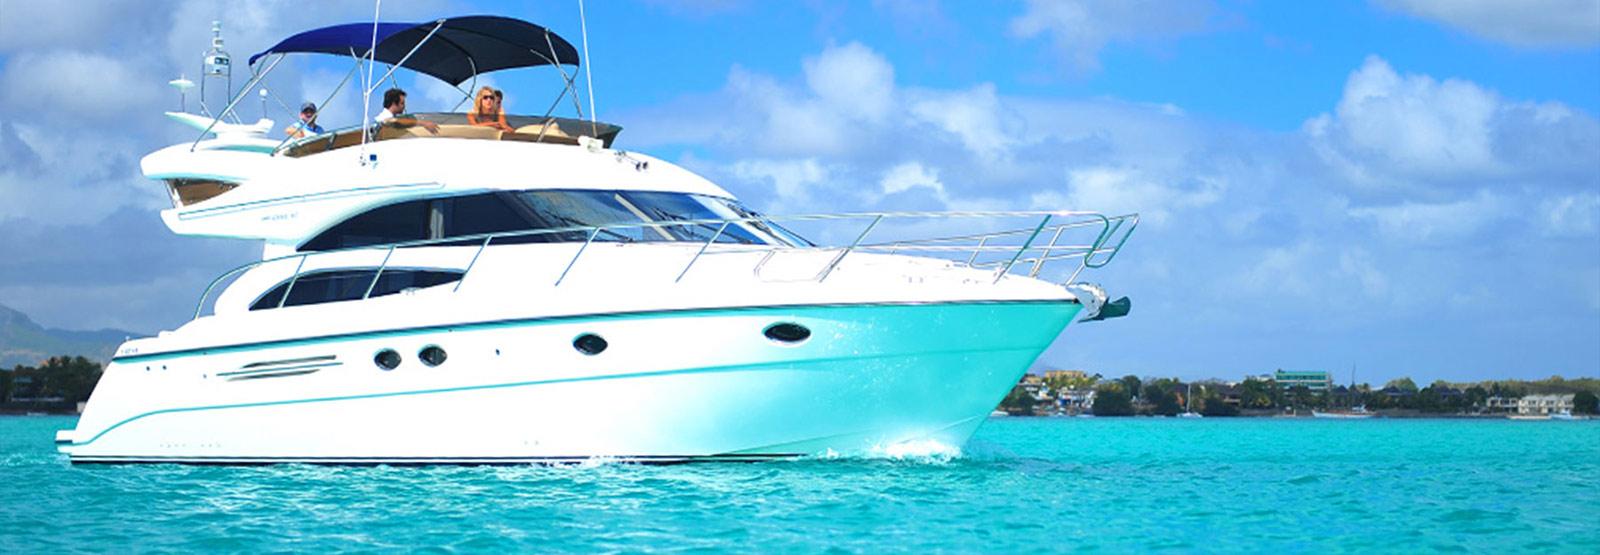 Mauritius Catamaran